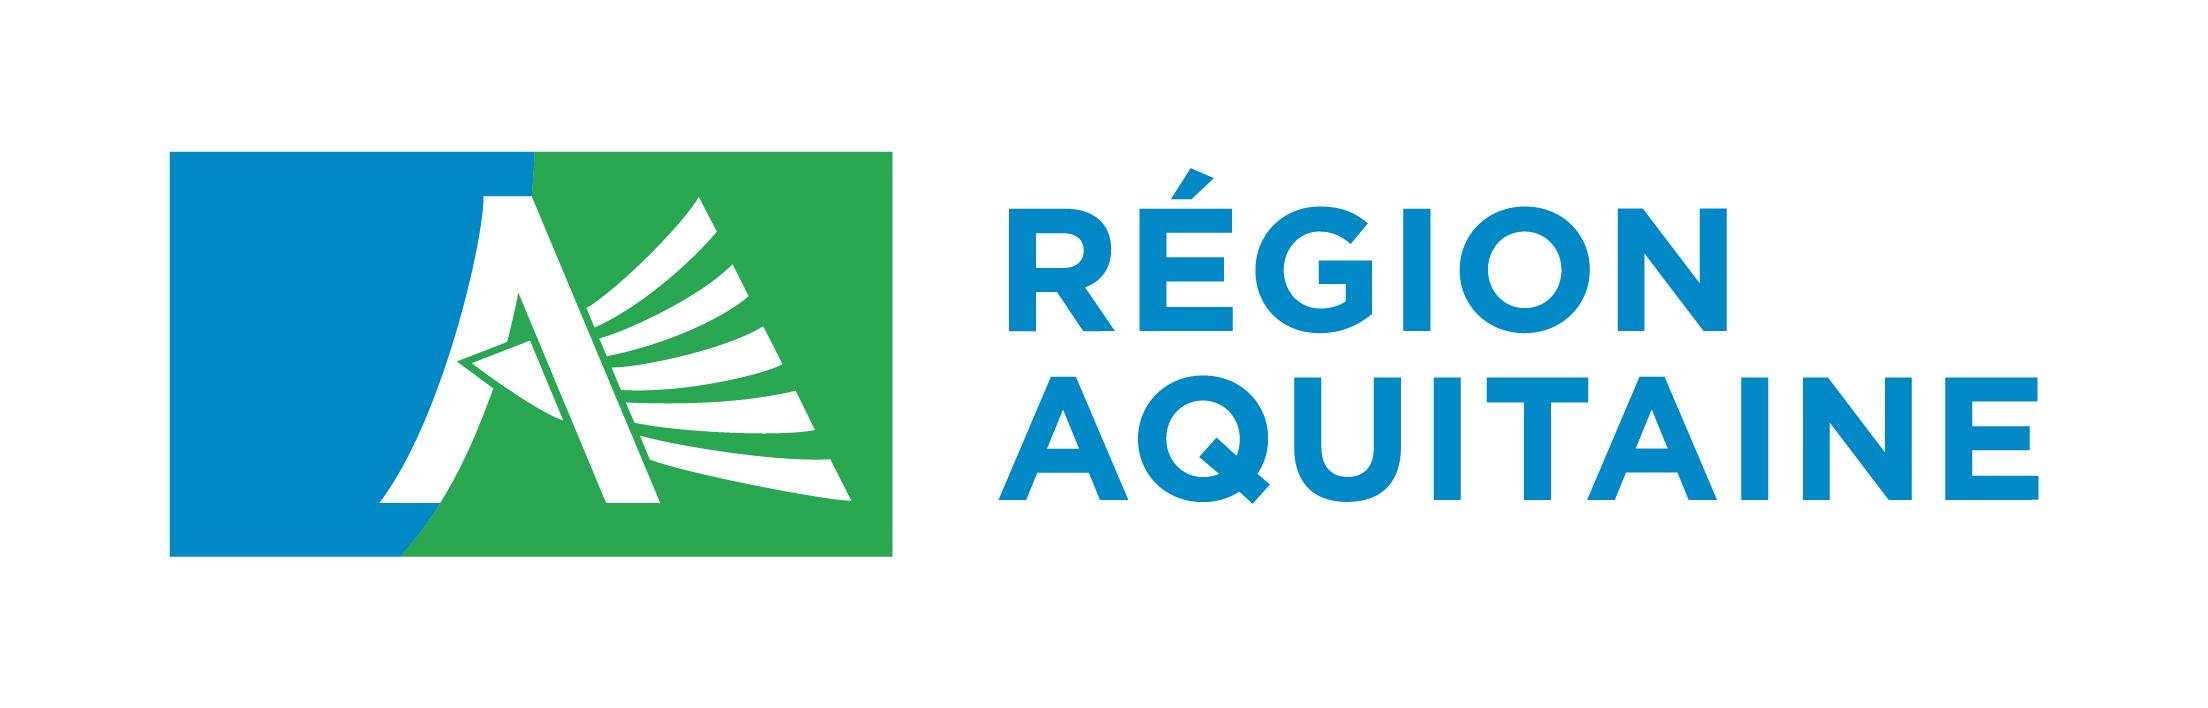 Region Aquitaine